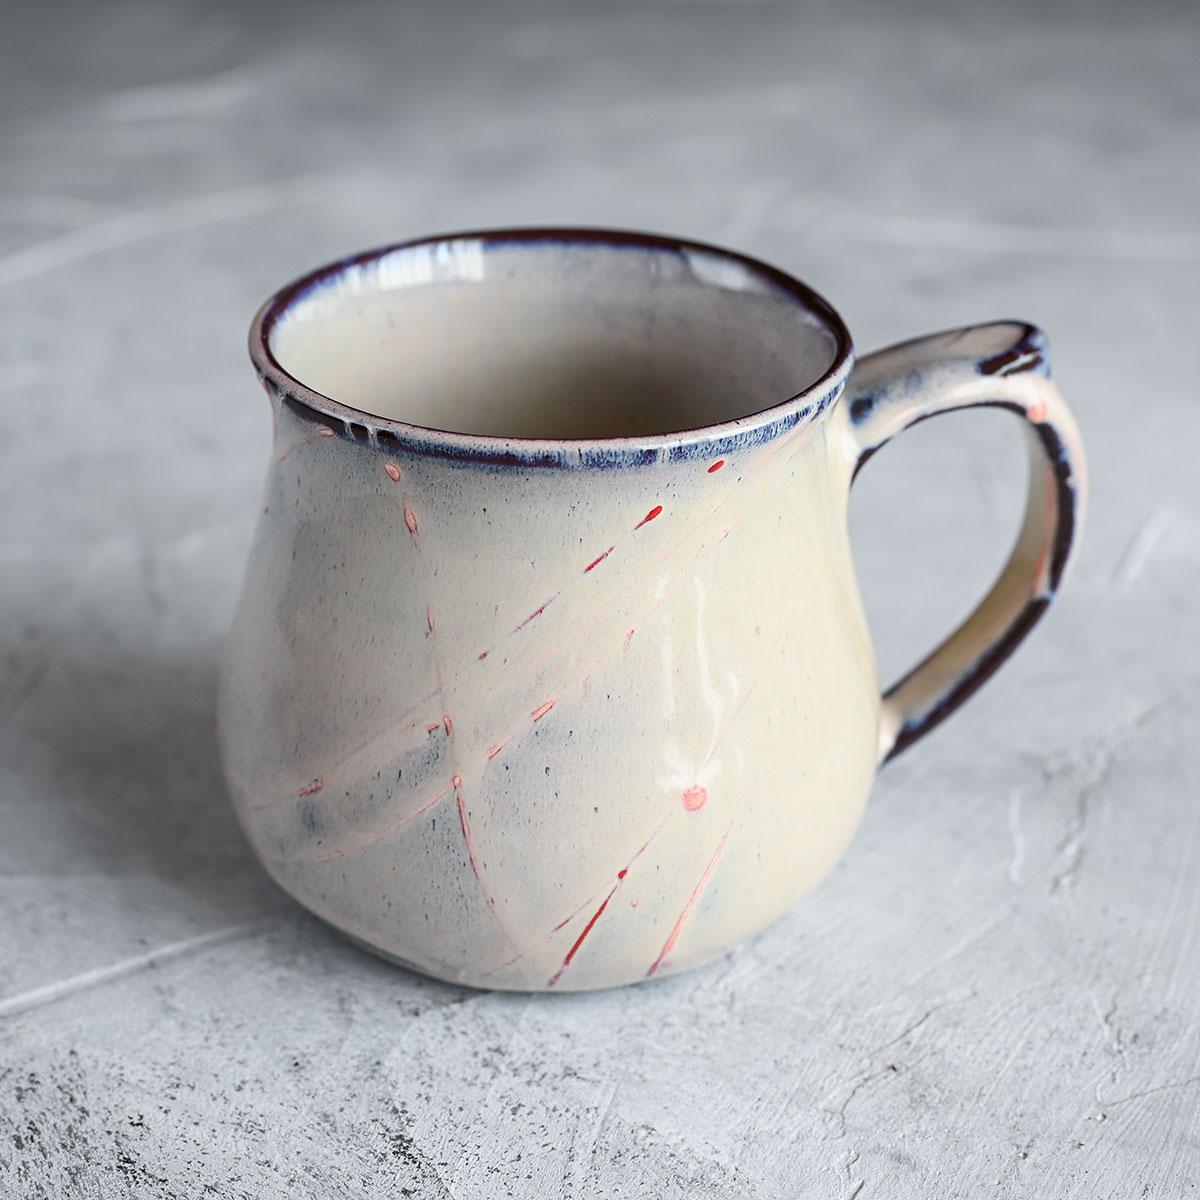 картинка Чашка из черного фарфора А.Заболотникова 3 - DishWishes.Ru